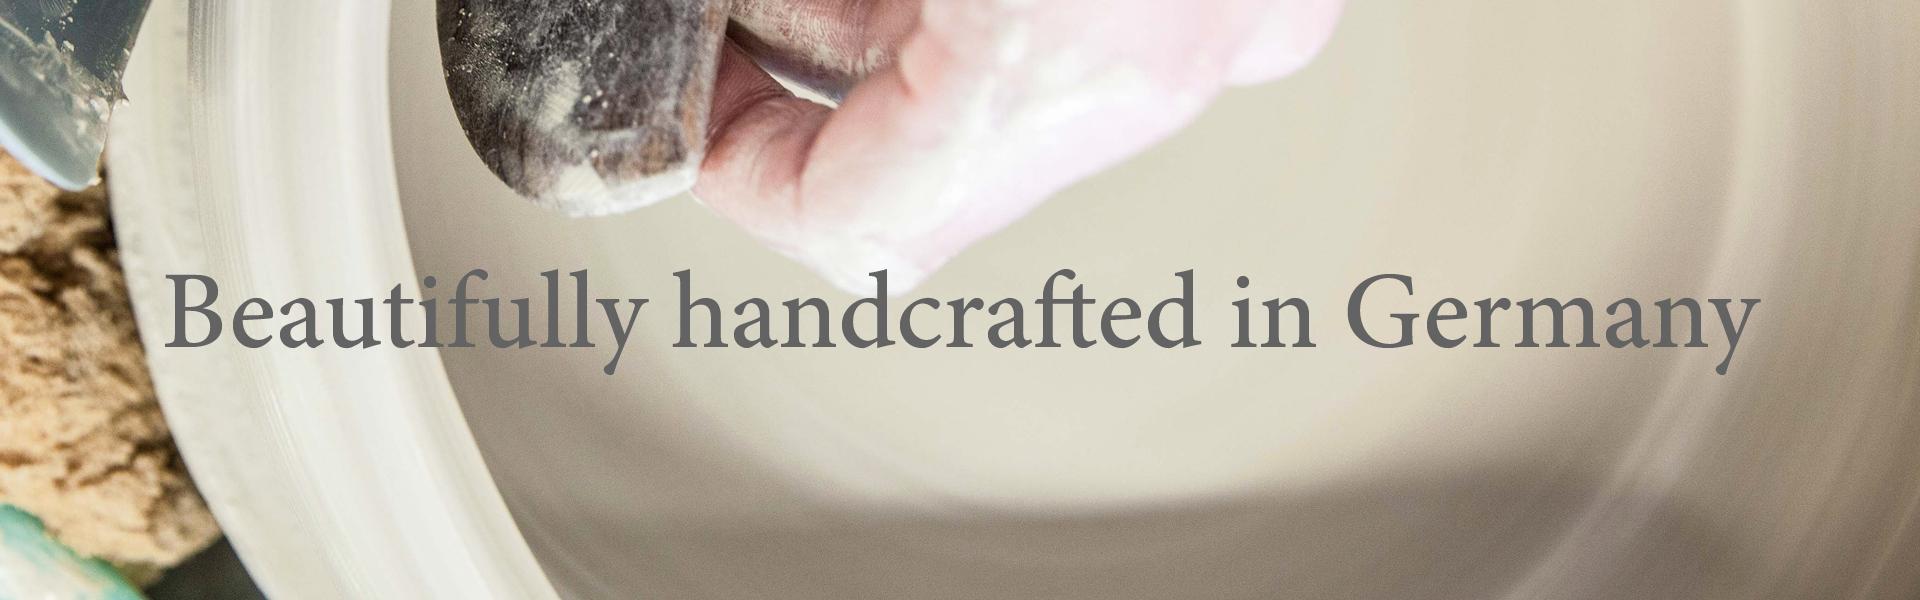 Kategorieseite_handcrafted